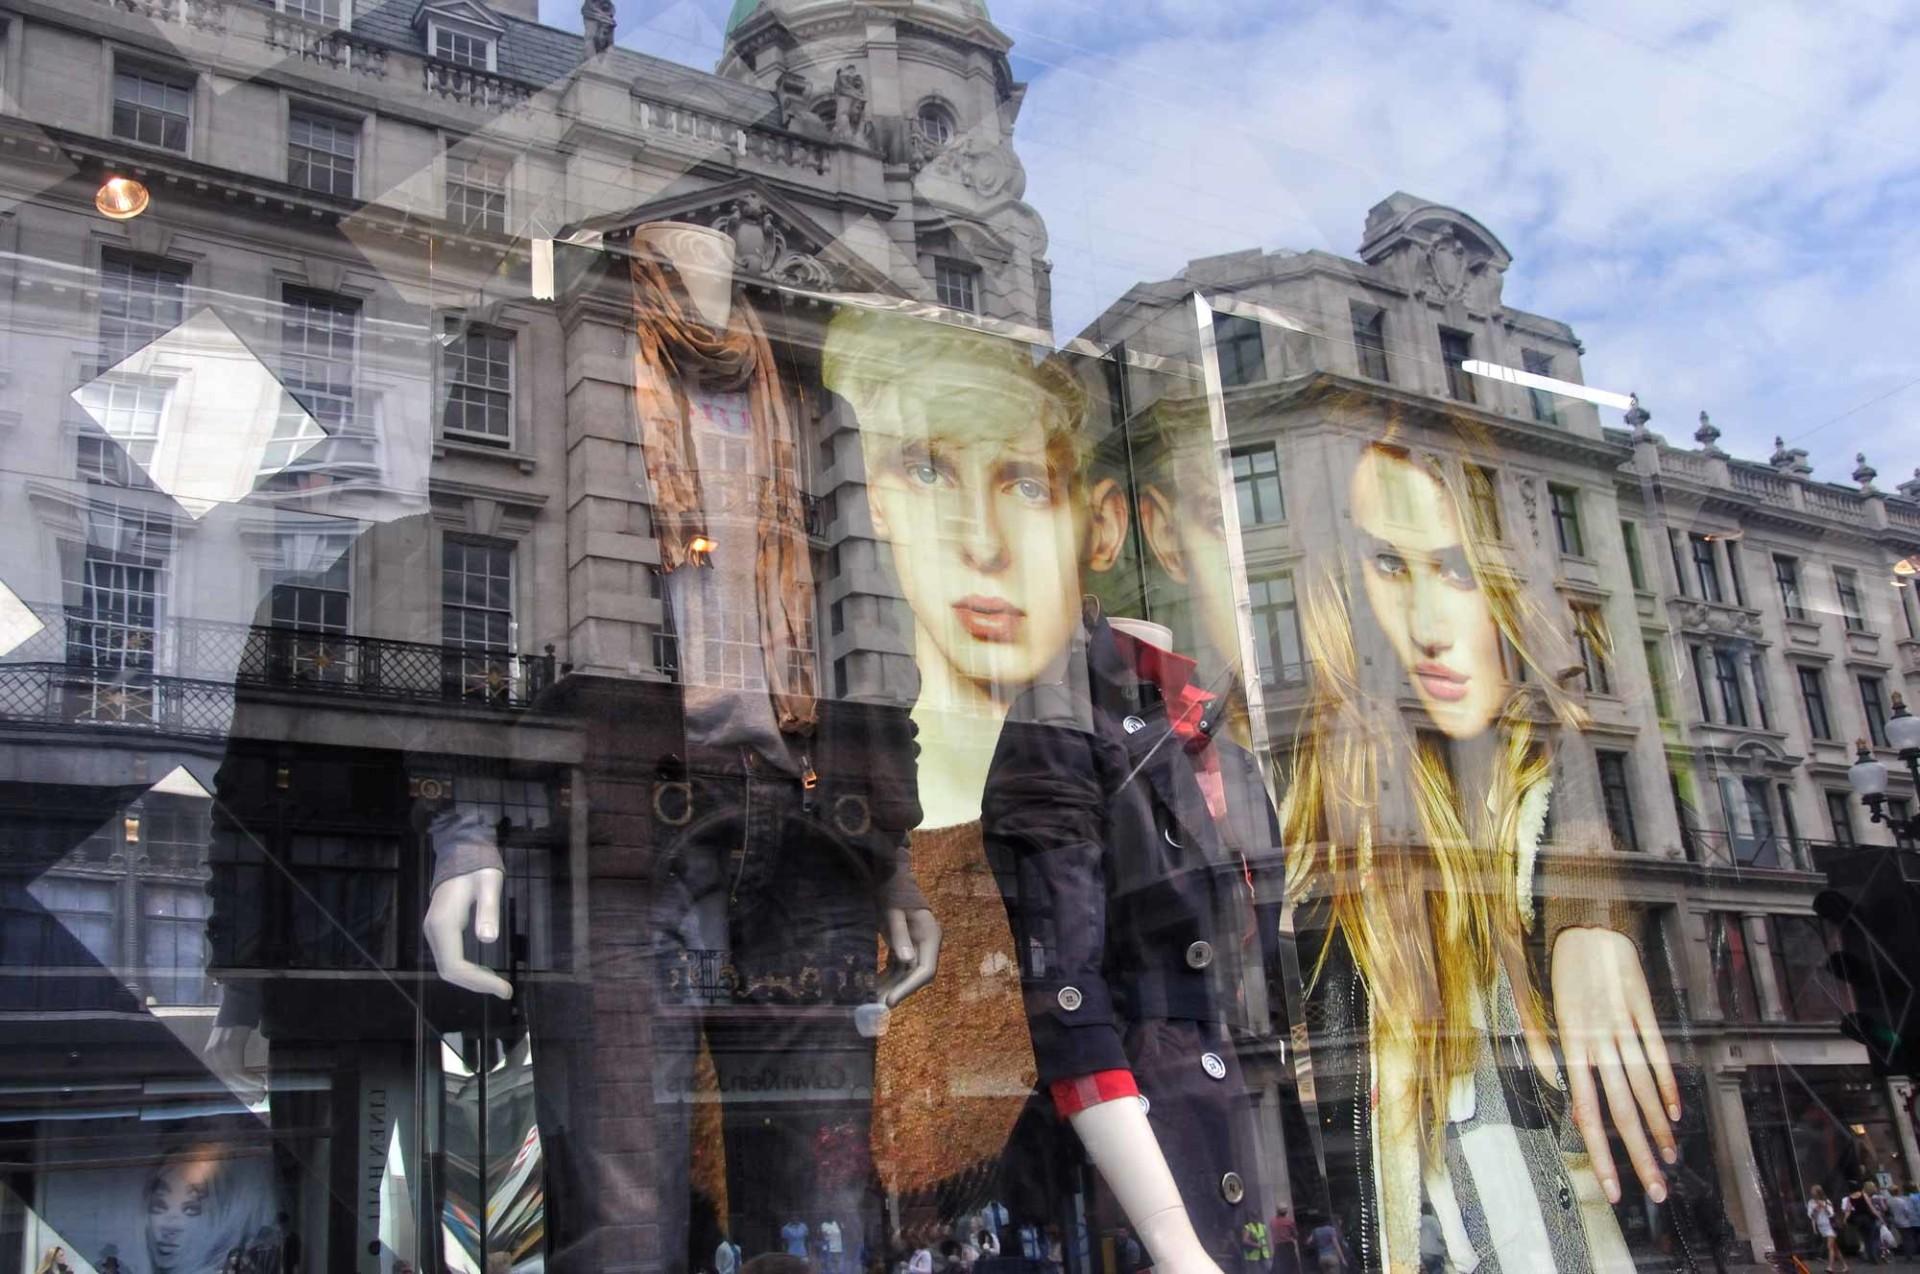 Mannequins reflexion